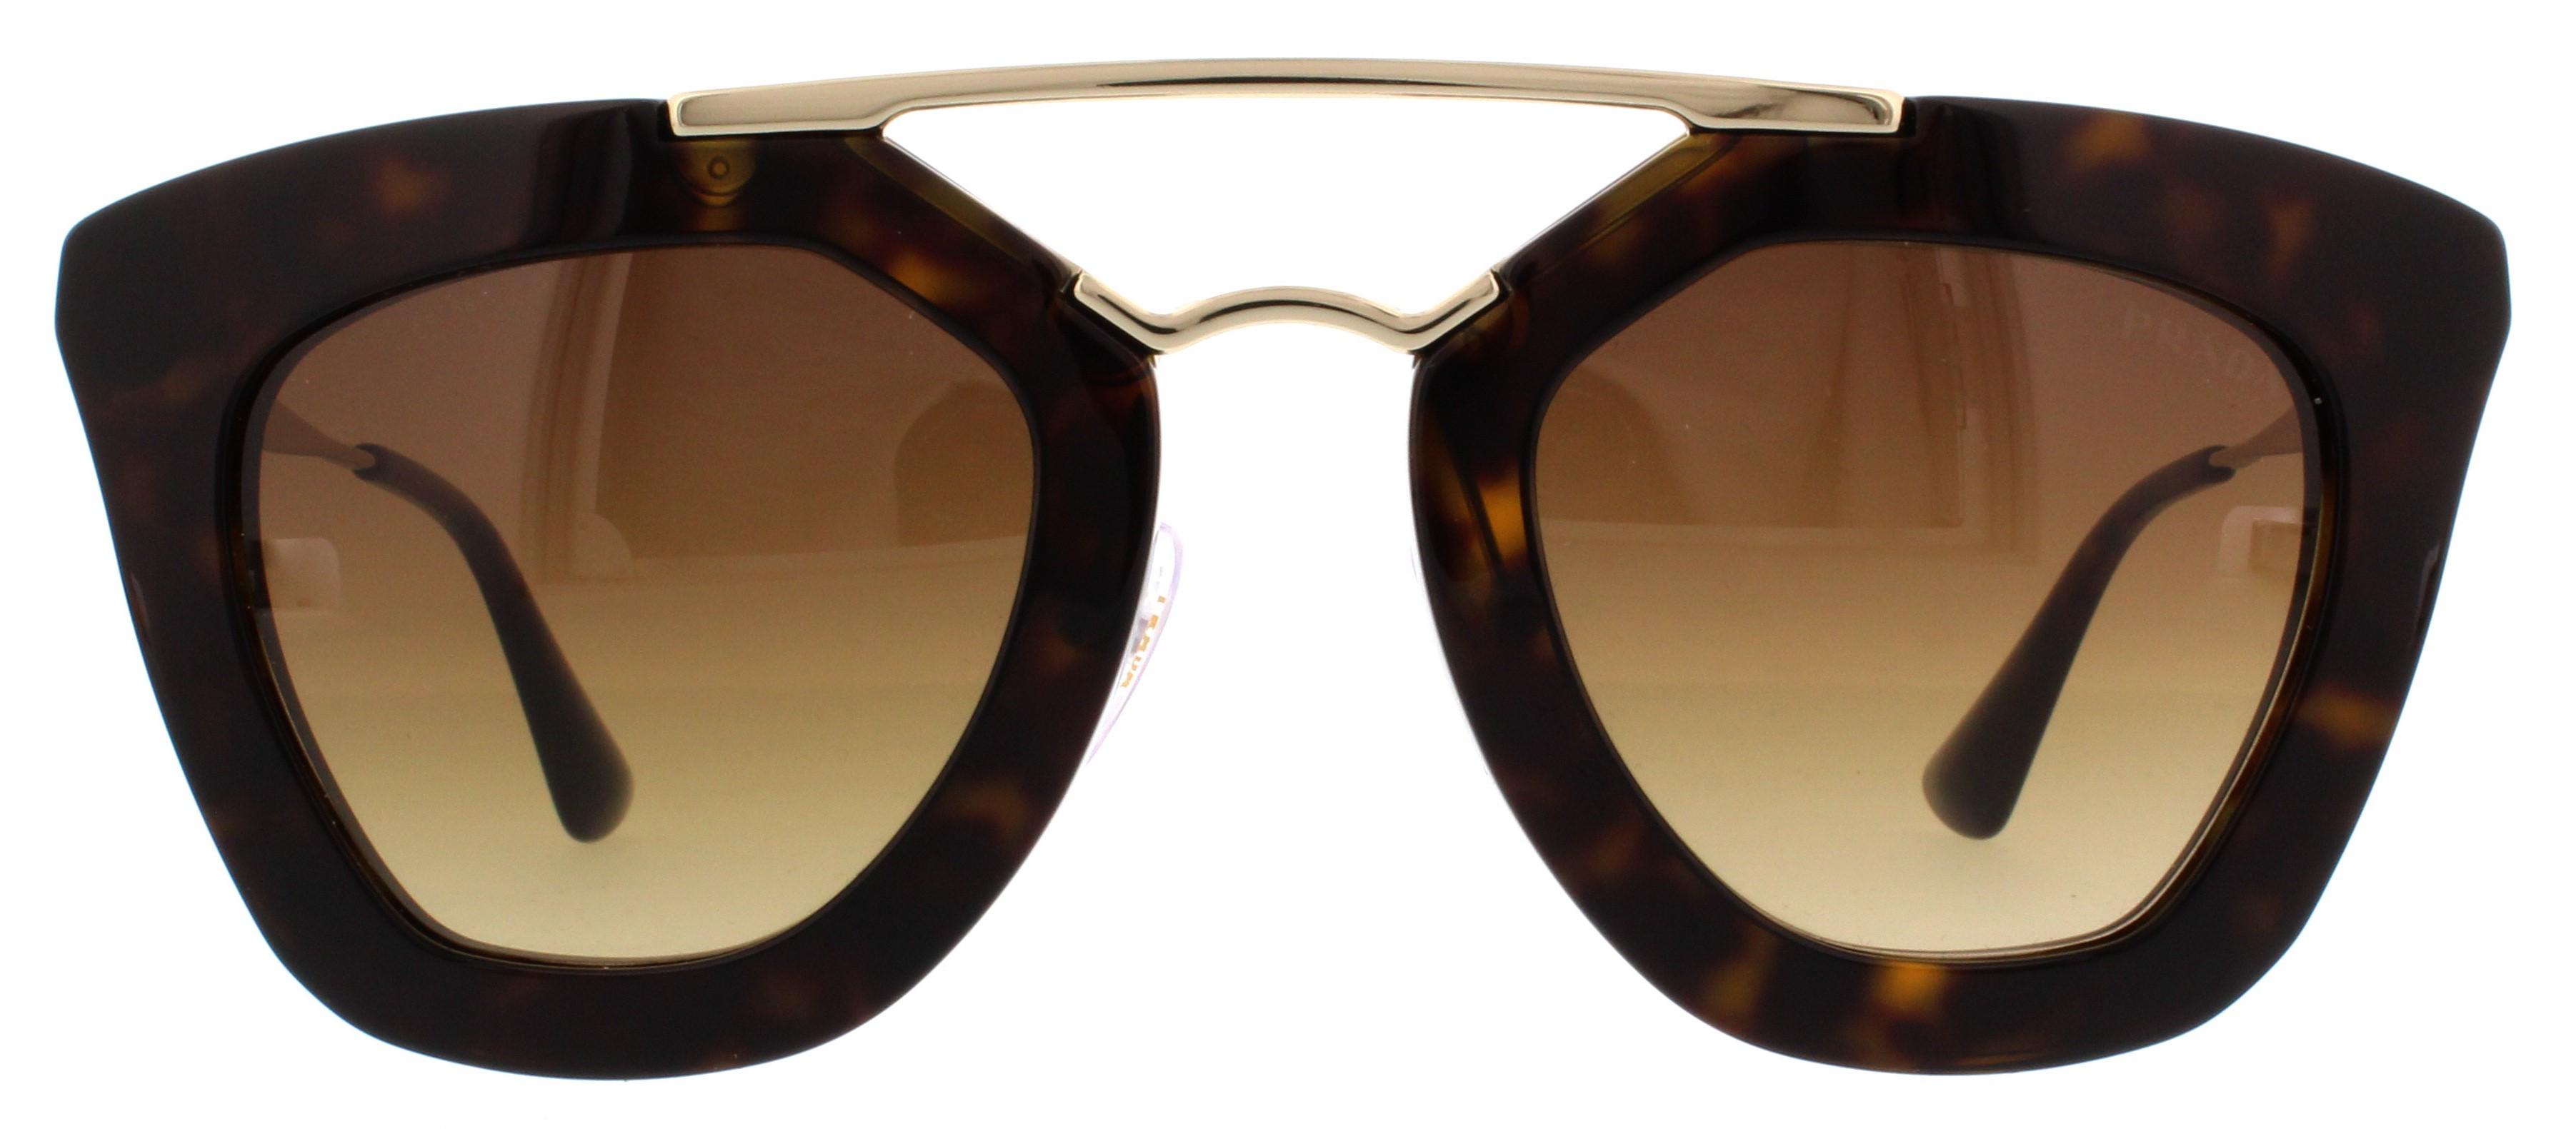 7b02e165a1 ireland prada sunglasses pr09qs cinema 1ab0a7 2e98b 082dc